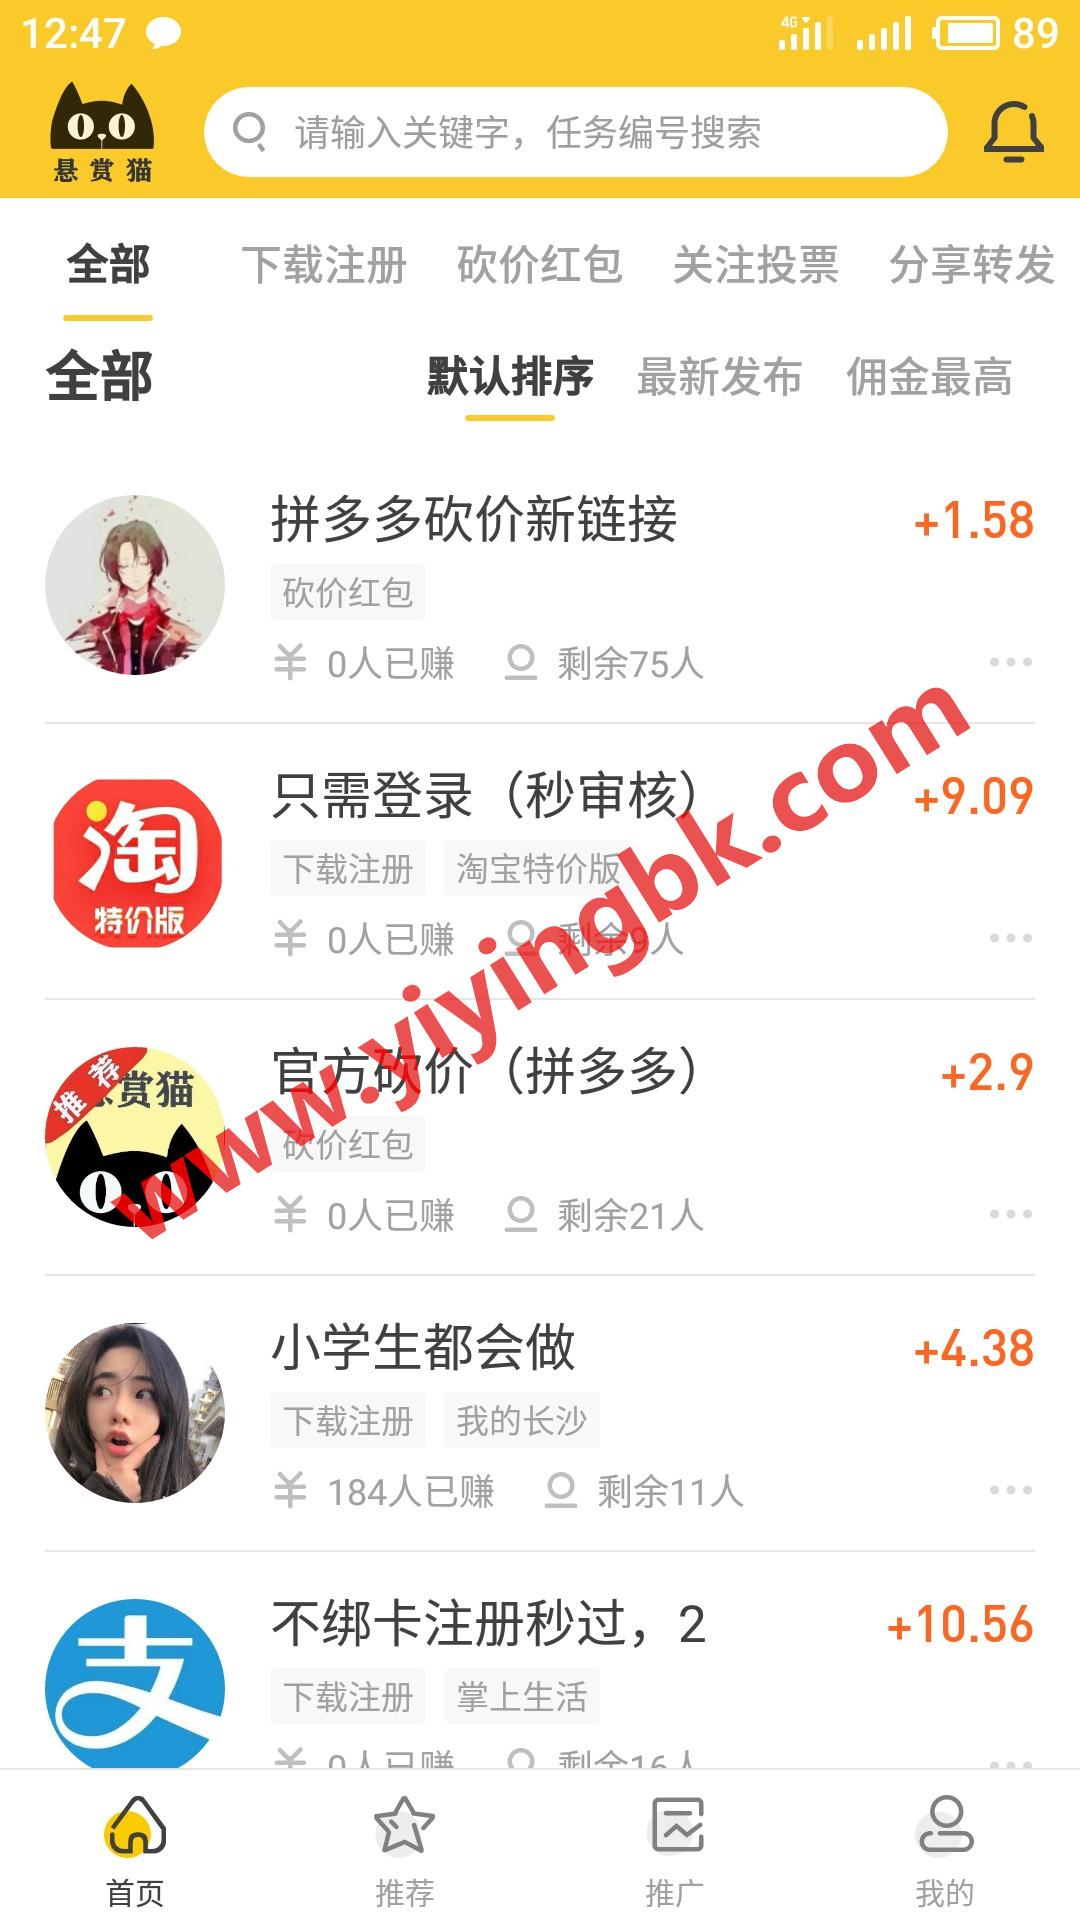 手机免费做任务赚钱大厅,微信和支付宝提现秒到账,www.yiyingbk.com